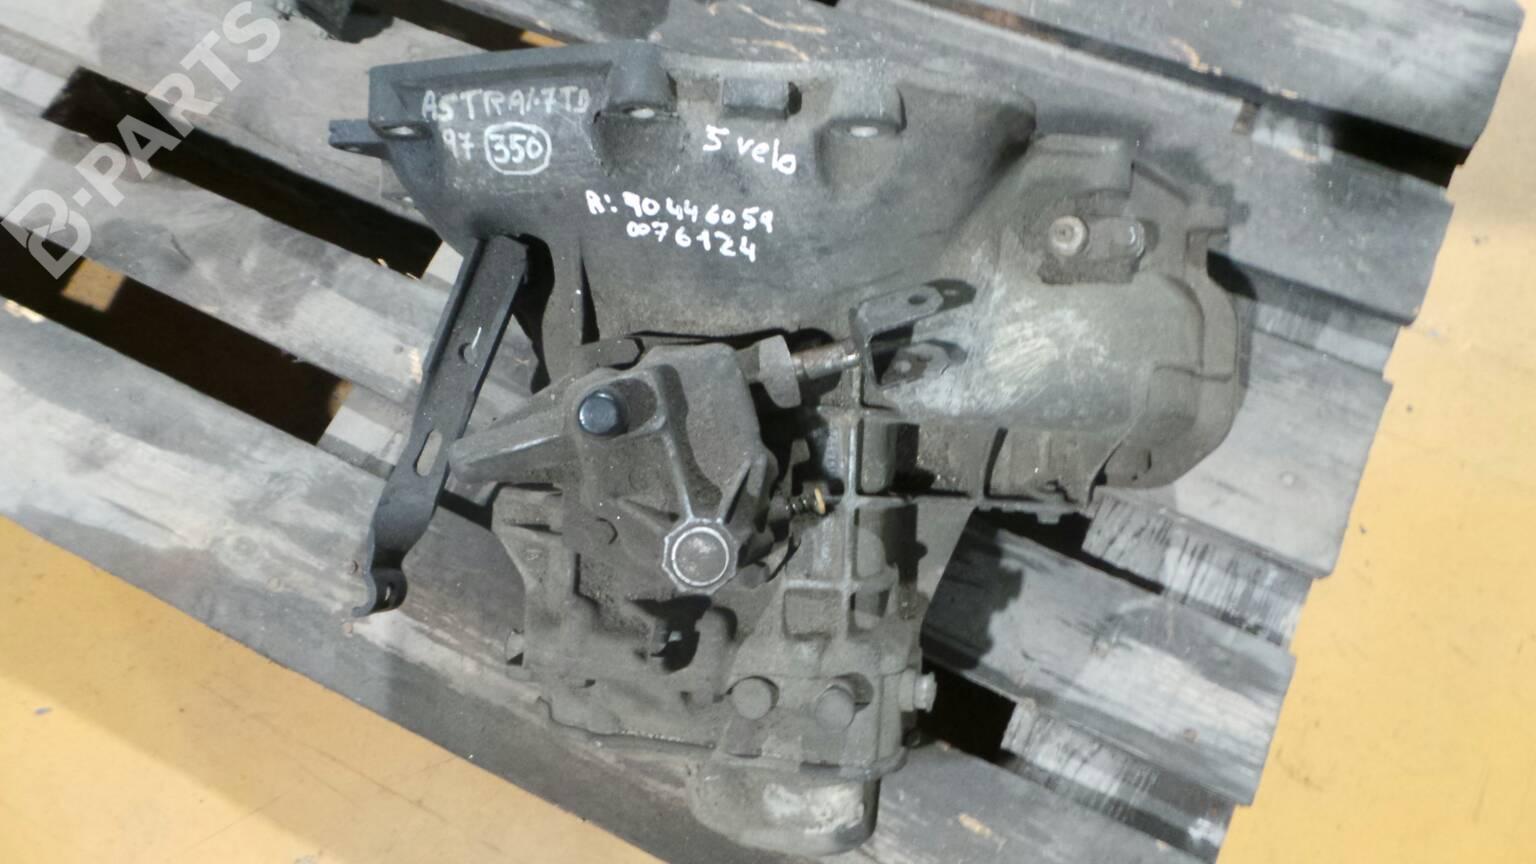 manual gearbox opel astra f 56 57 1 7 td 32311 rh b parts com Dezmembrari Opel Astra F Caravan Opel Astra F Caravan